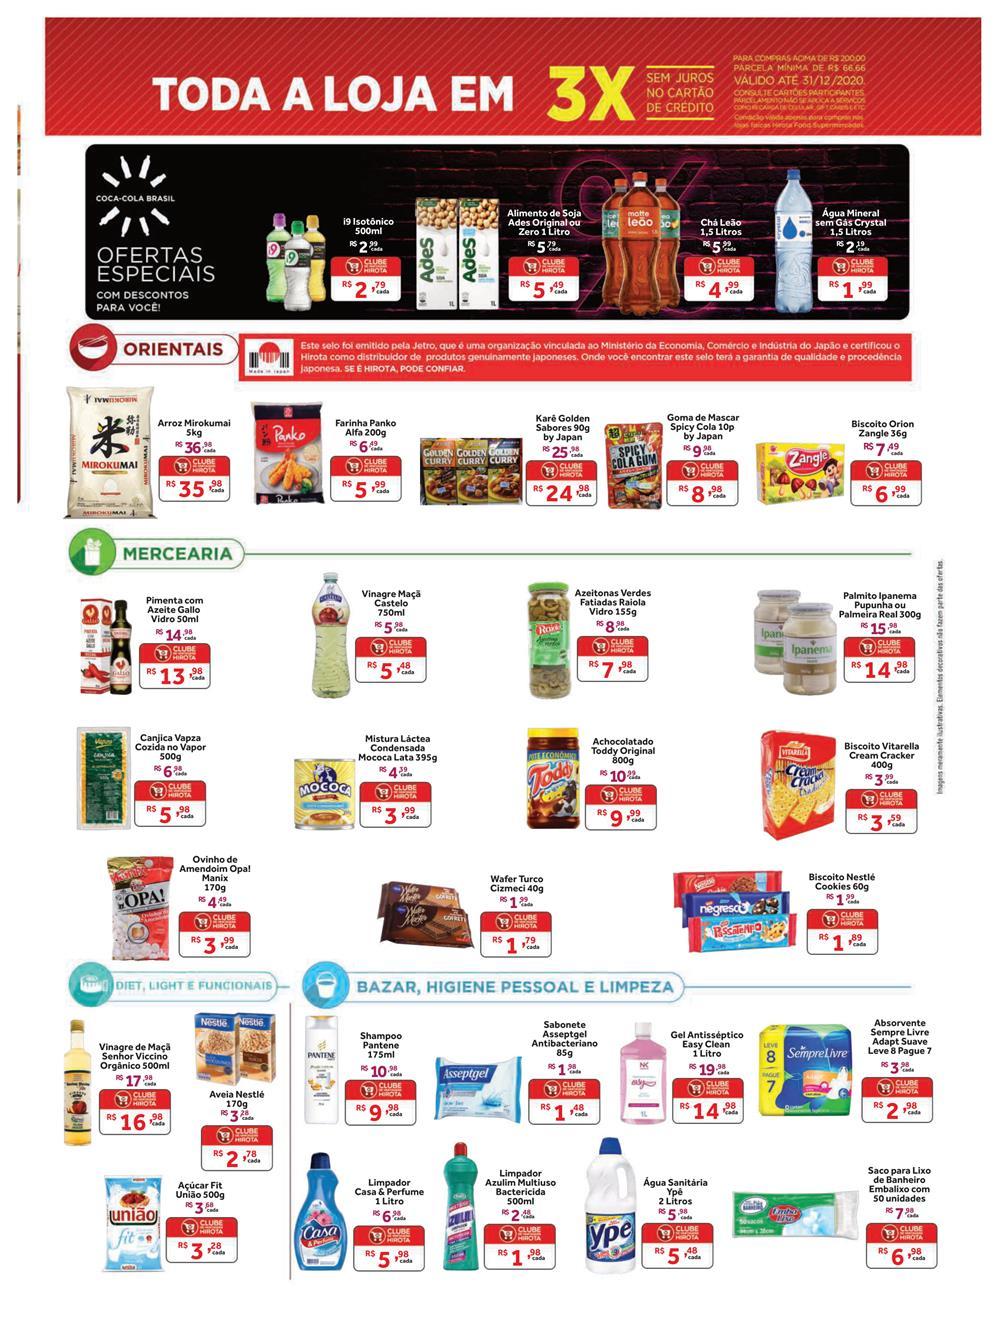 hirota-ofertas-descontos-hoje3-4 Black Friday Hirota até 30/11